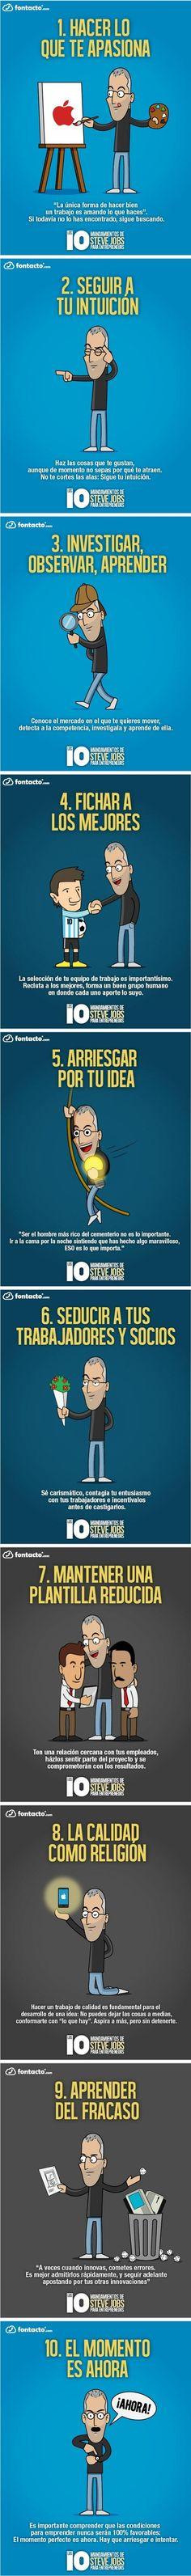 Los 10 mandamientos para emprendedores según Steve Jobs. #ccentral #fleytong